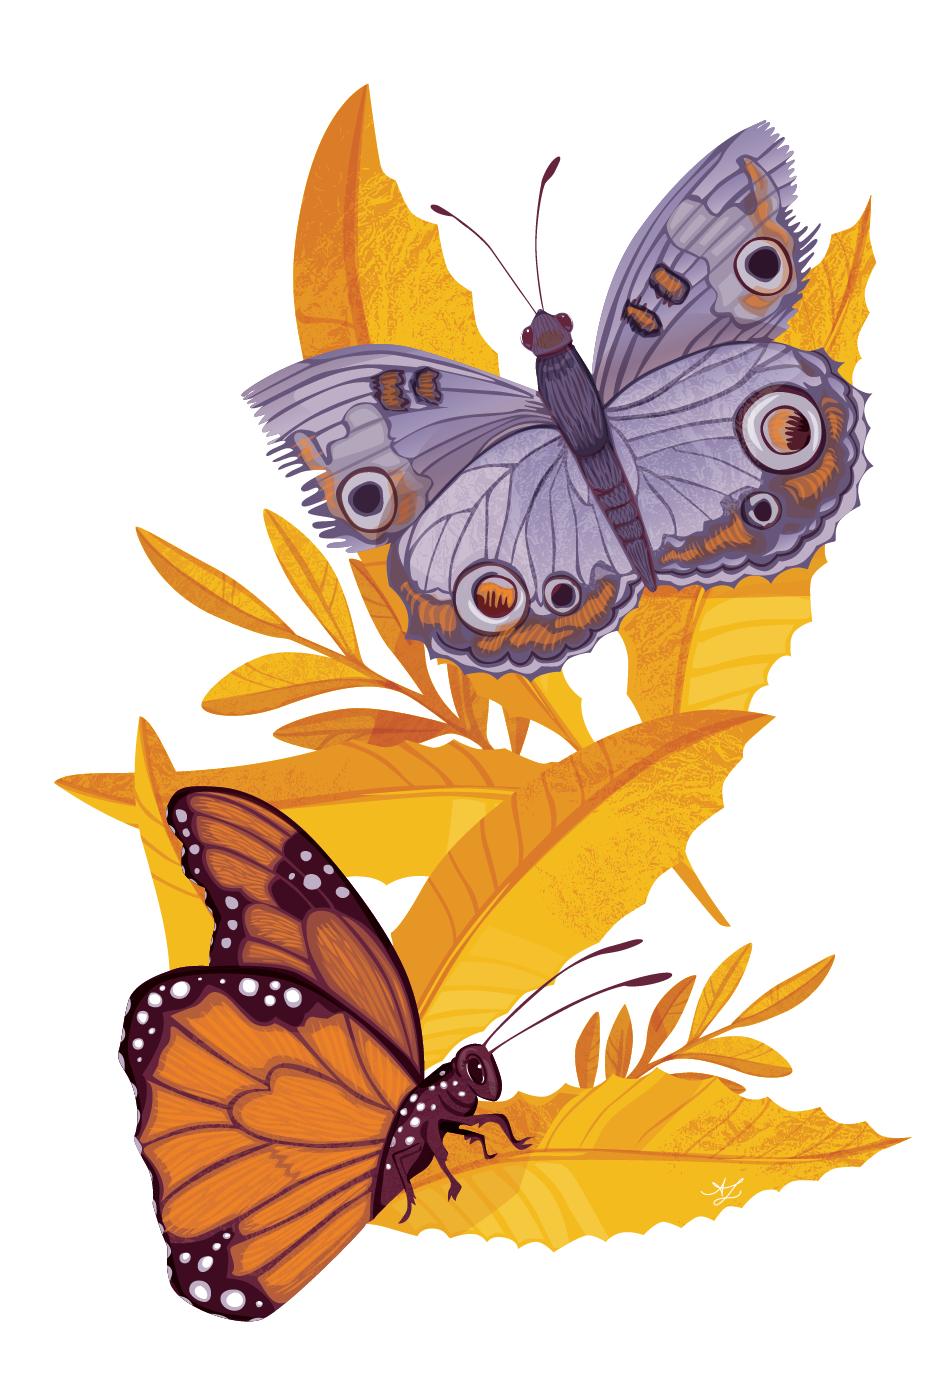 Amanda_Lenz_ArtSticks_Artboard 1.png